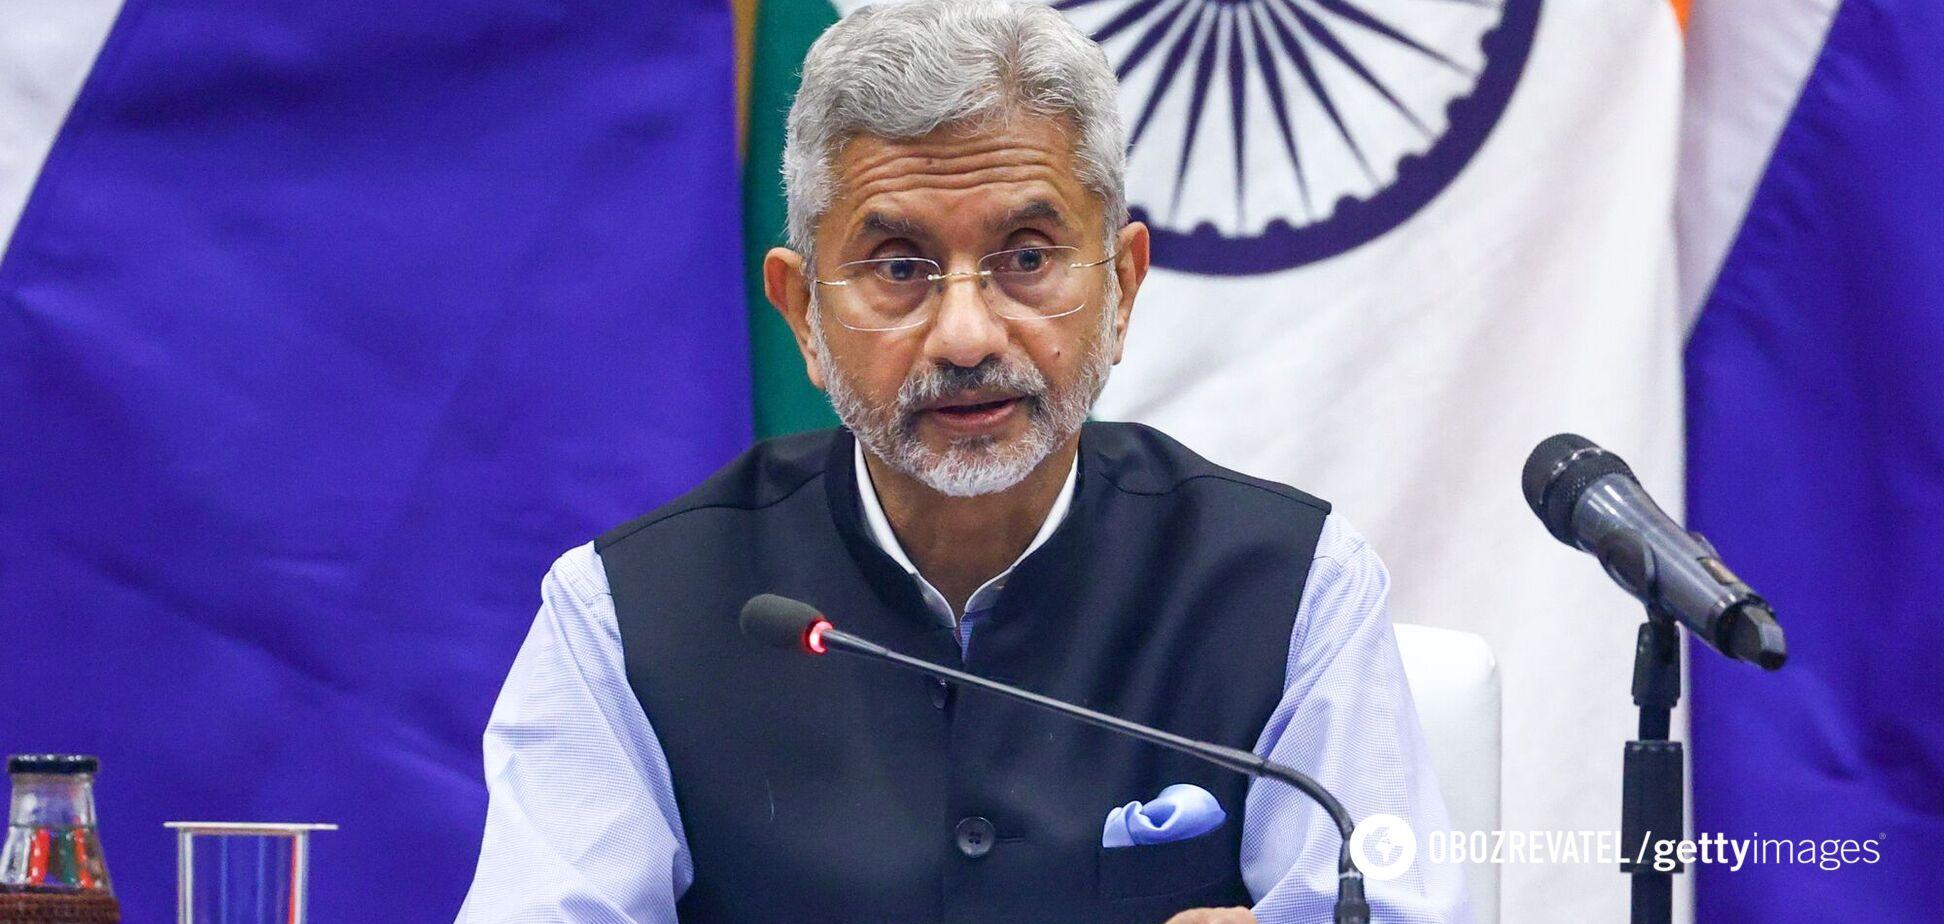 Делегація Індії покинула саміт G7 через зараження коронавірусом